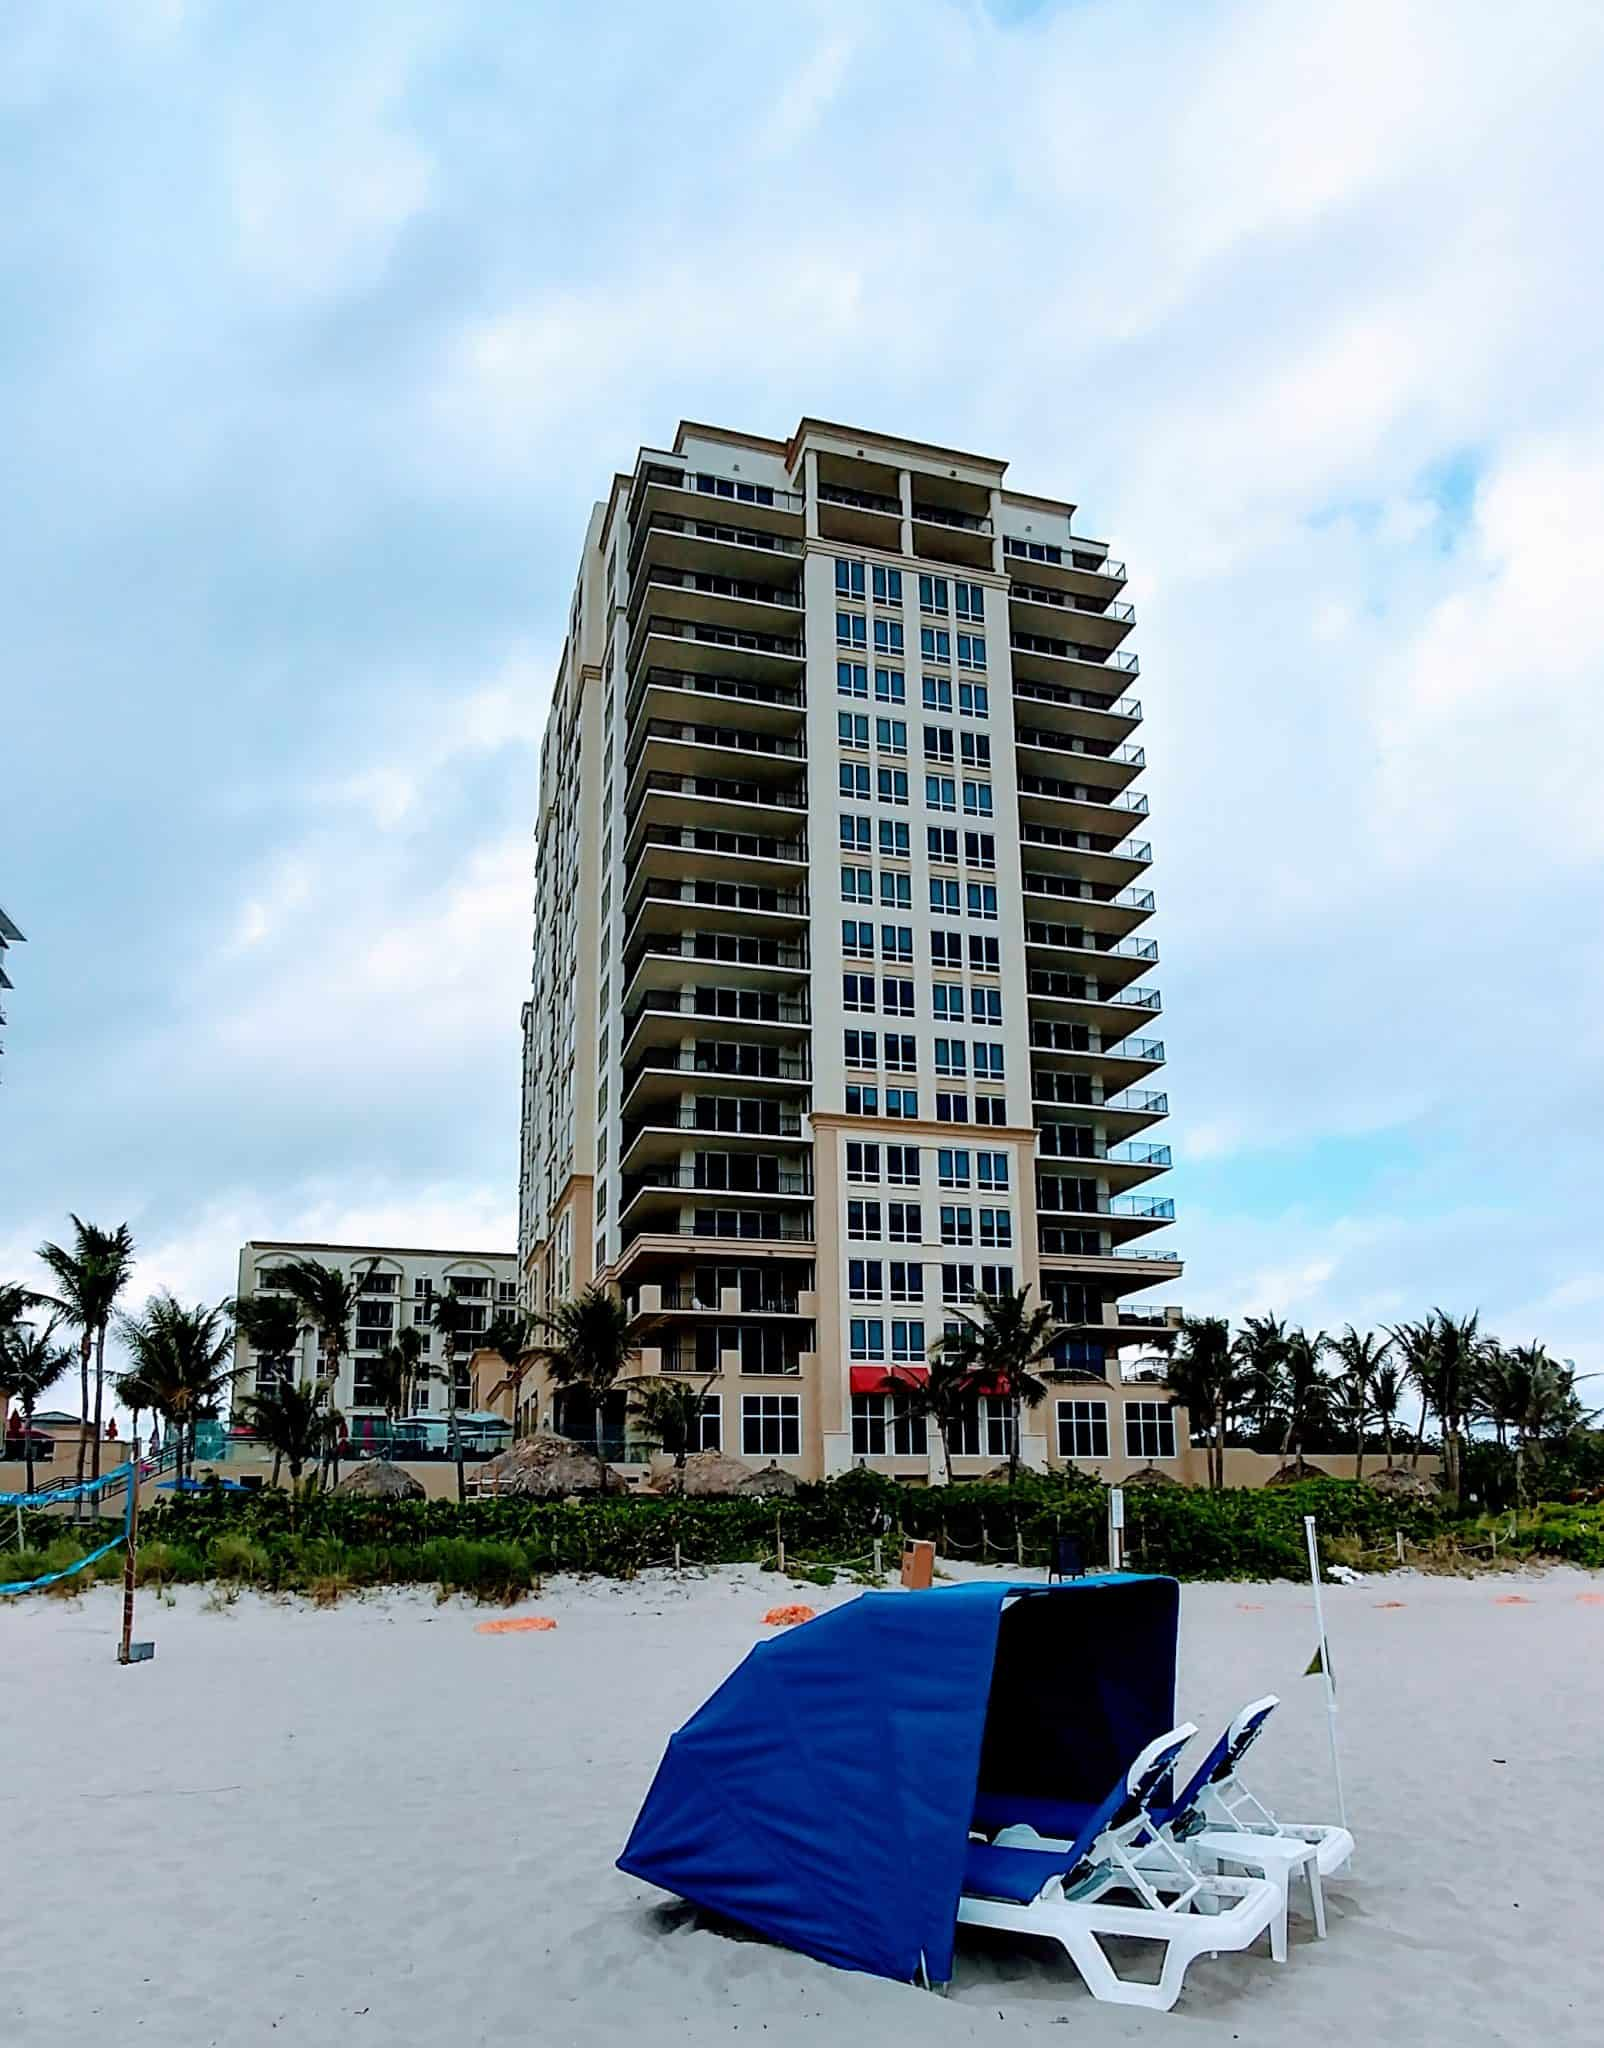 Marriott Singer Island Florida blue beach lounger